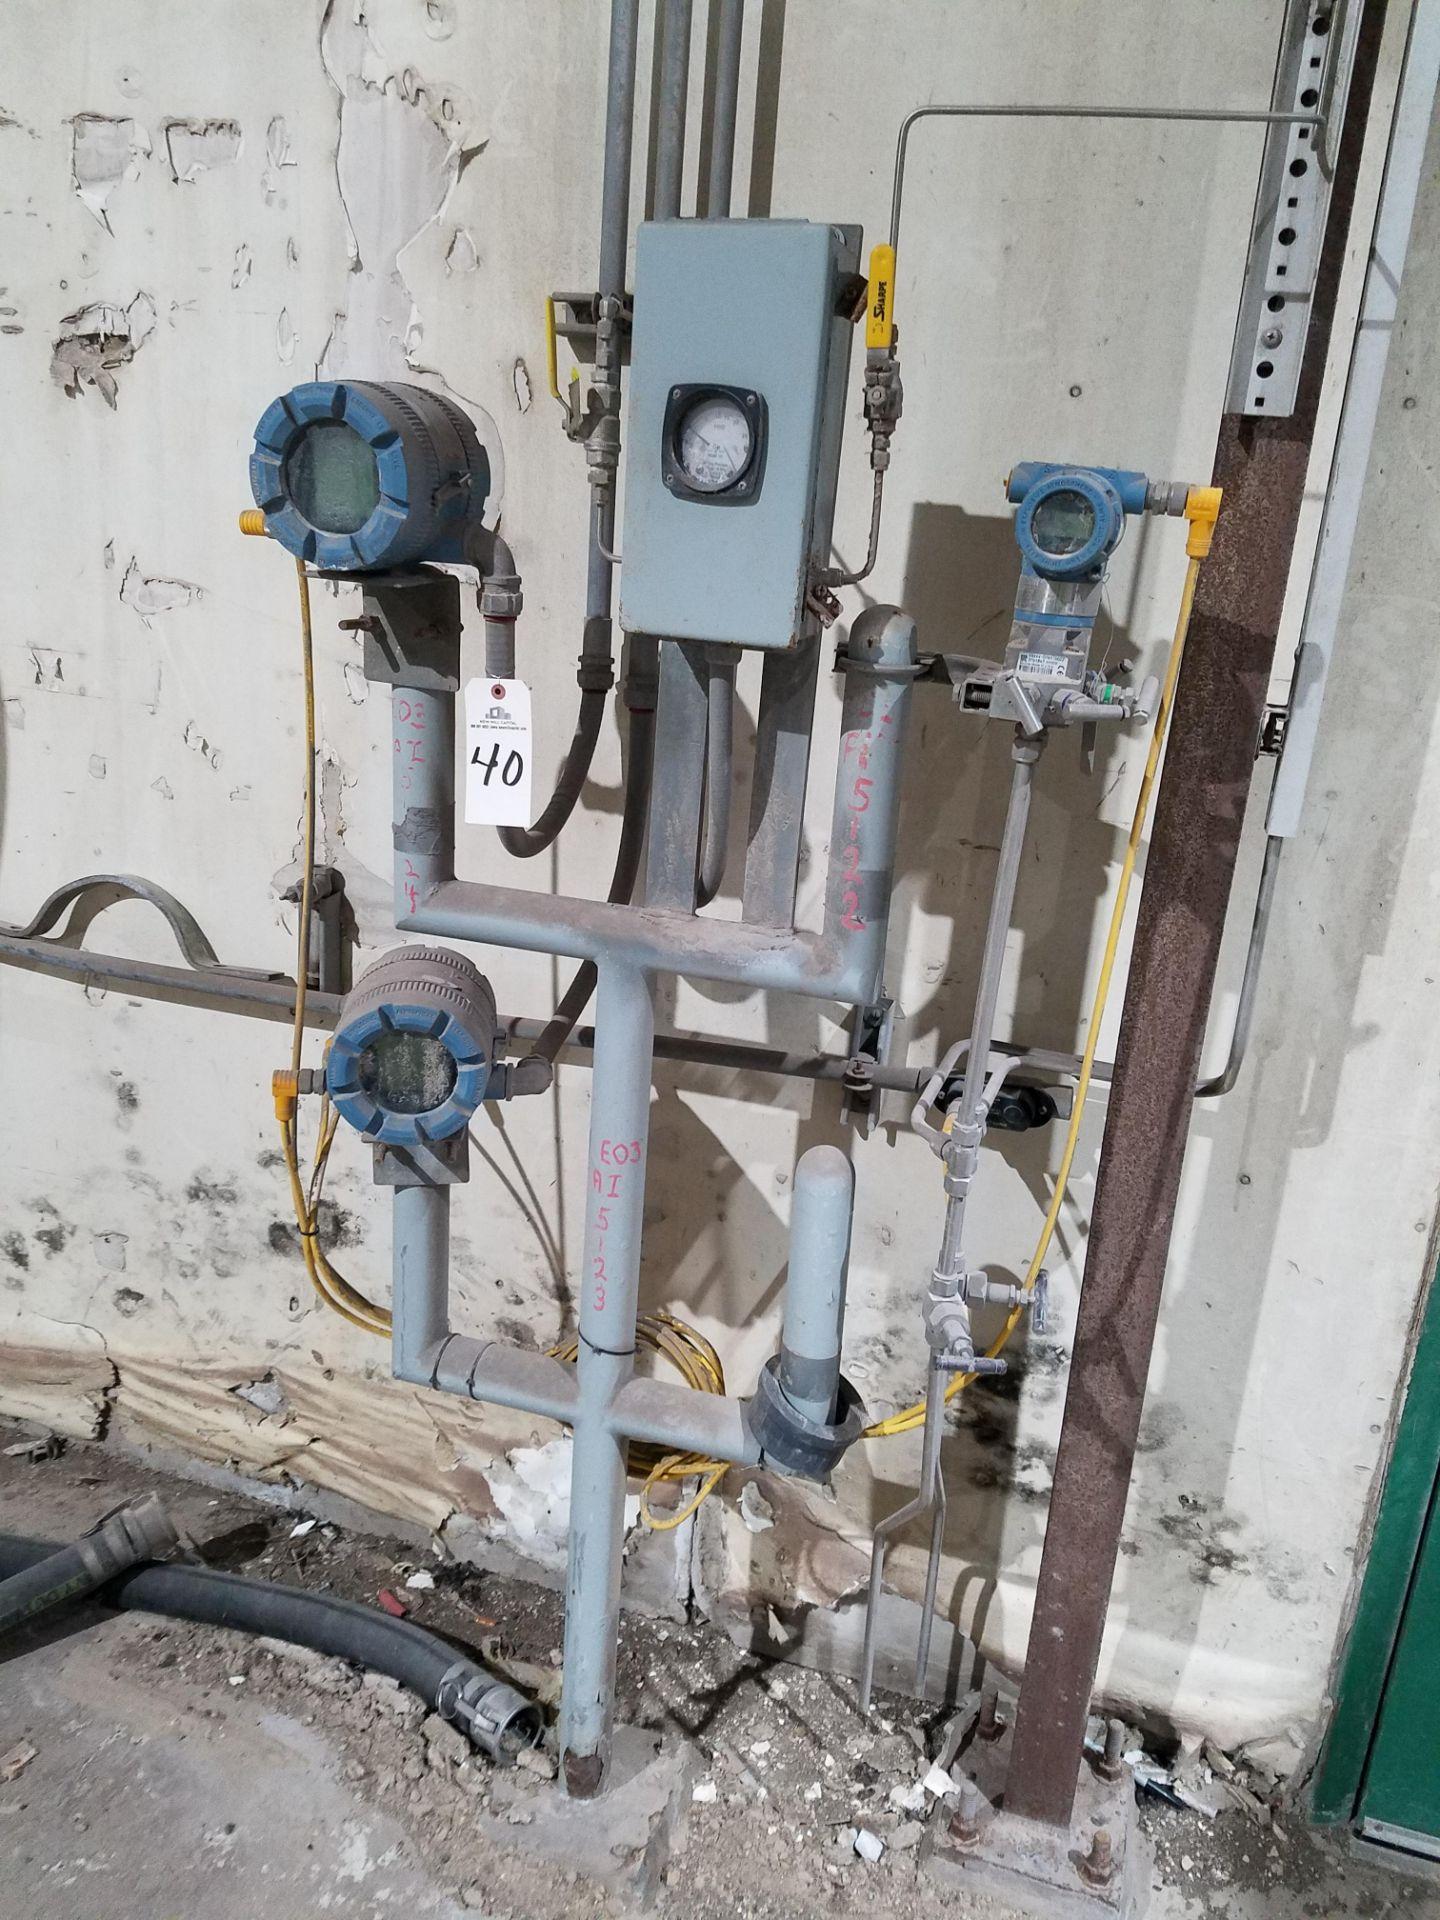 Lot 40 - Lot of Rosemount Pressure Transmitters   Rig Fee: $100